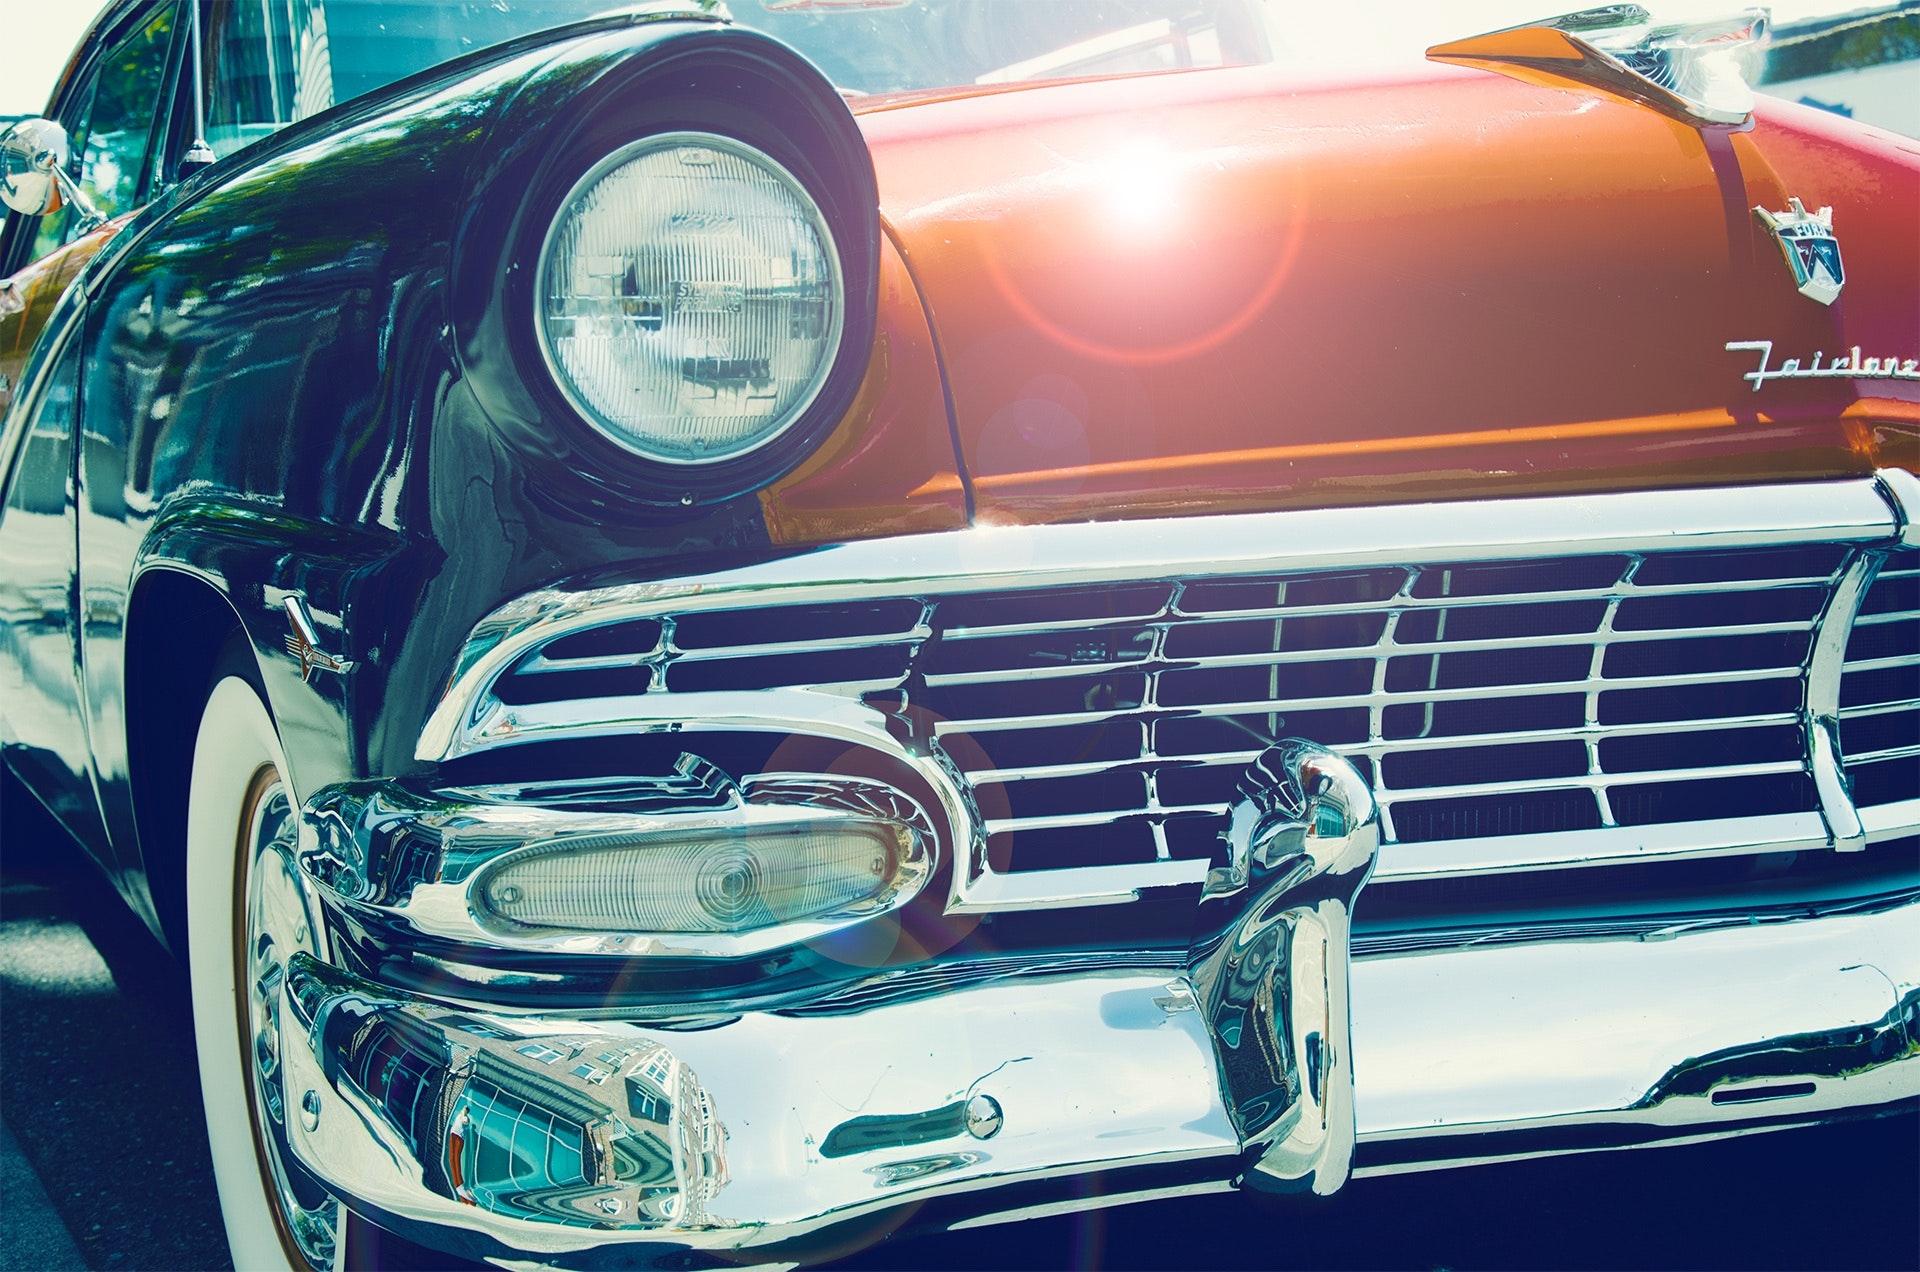 Red Vintage Car, Automobile, Automotive, Car, Classic, HQ Photo